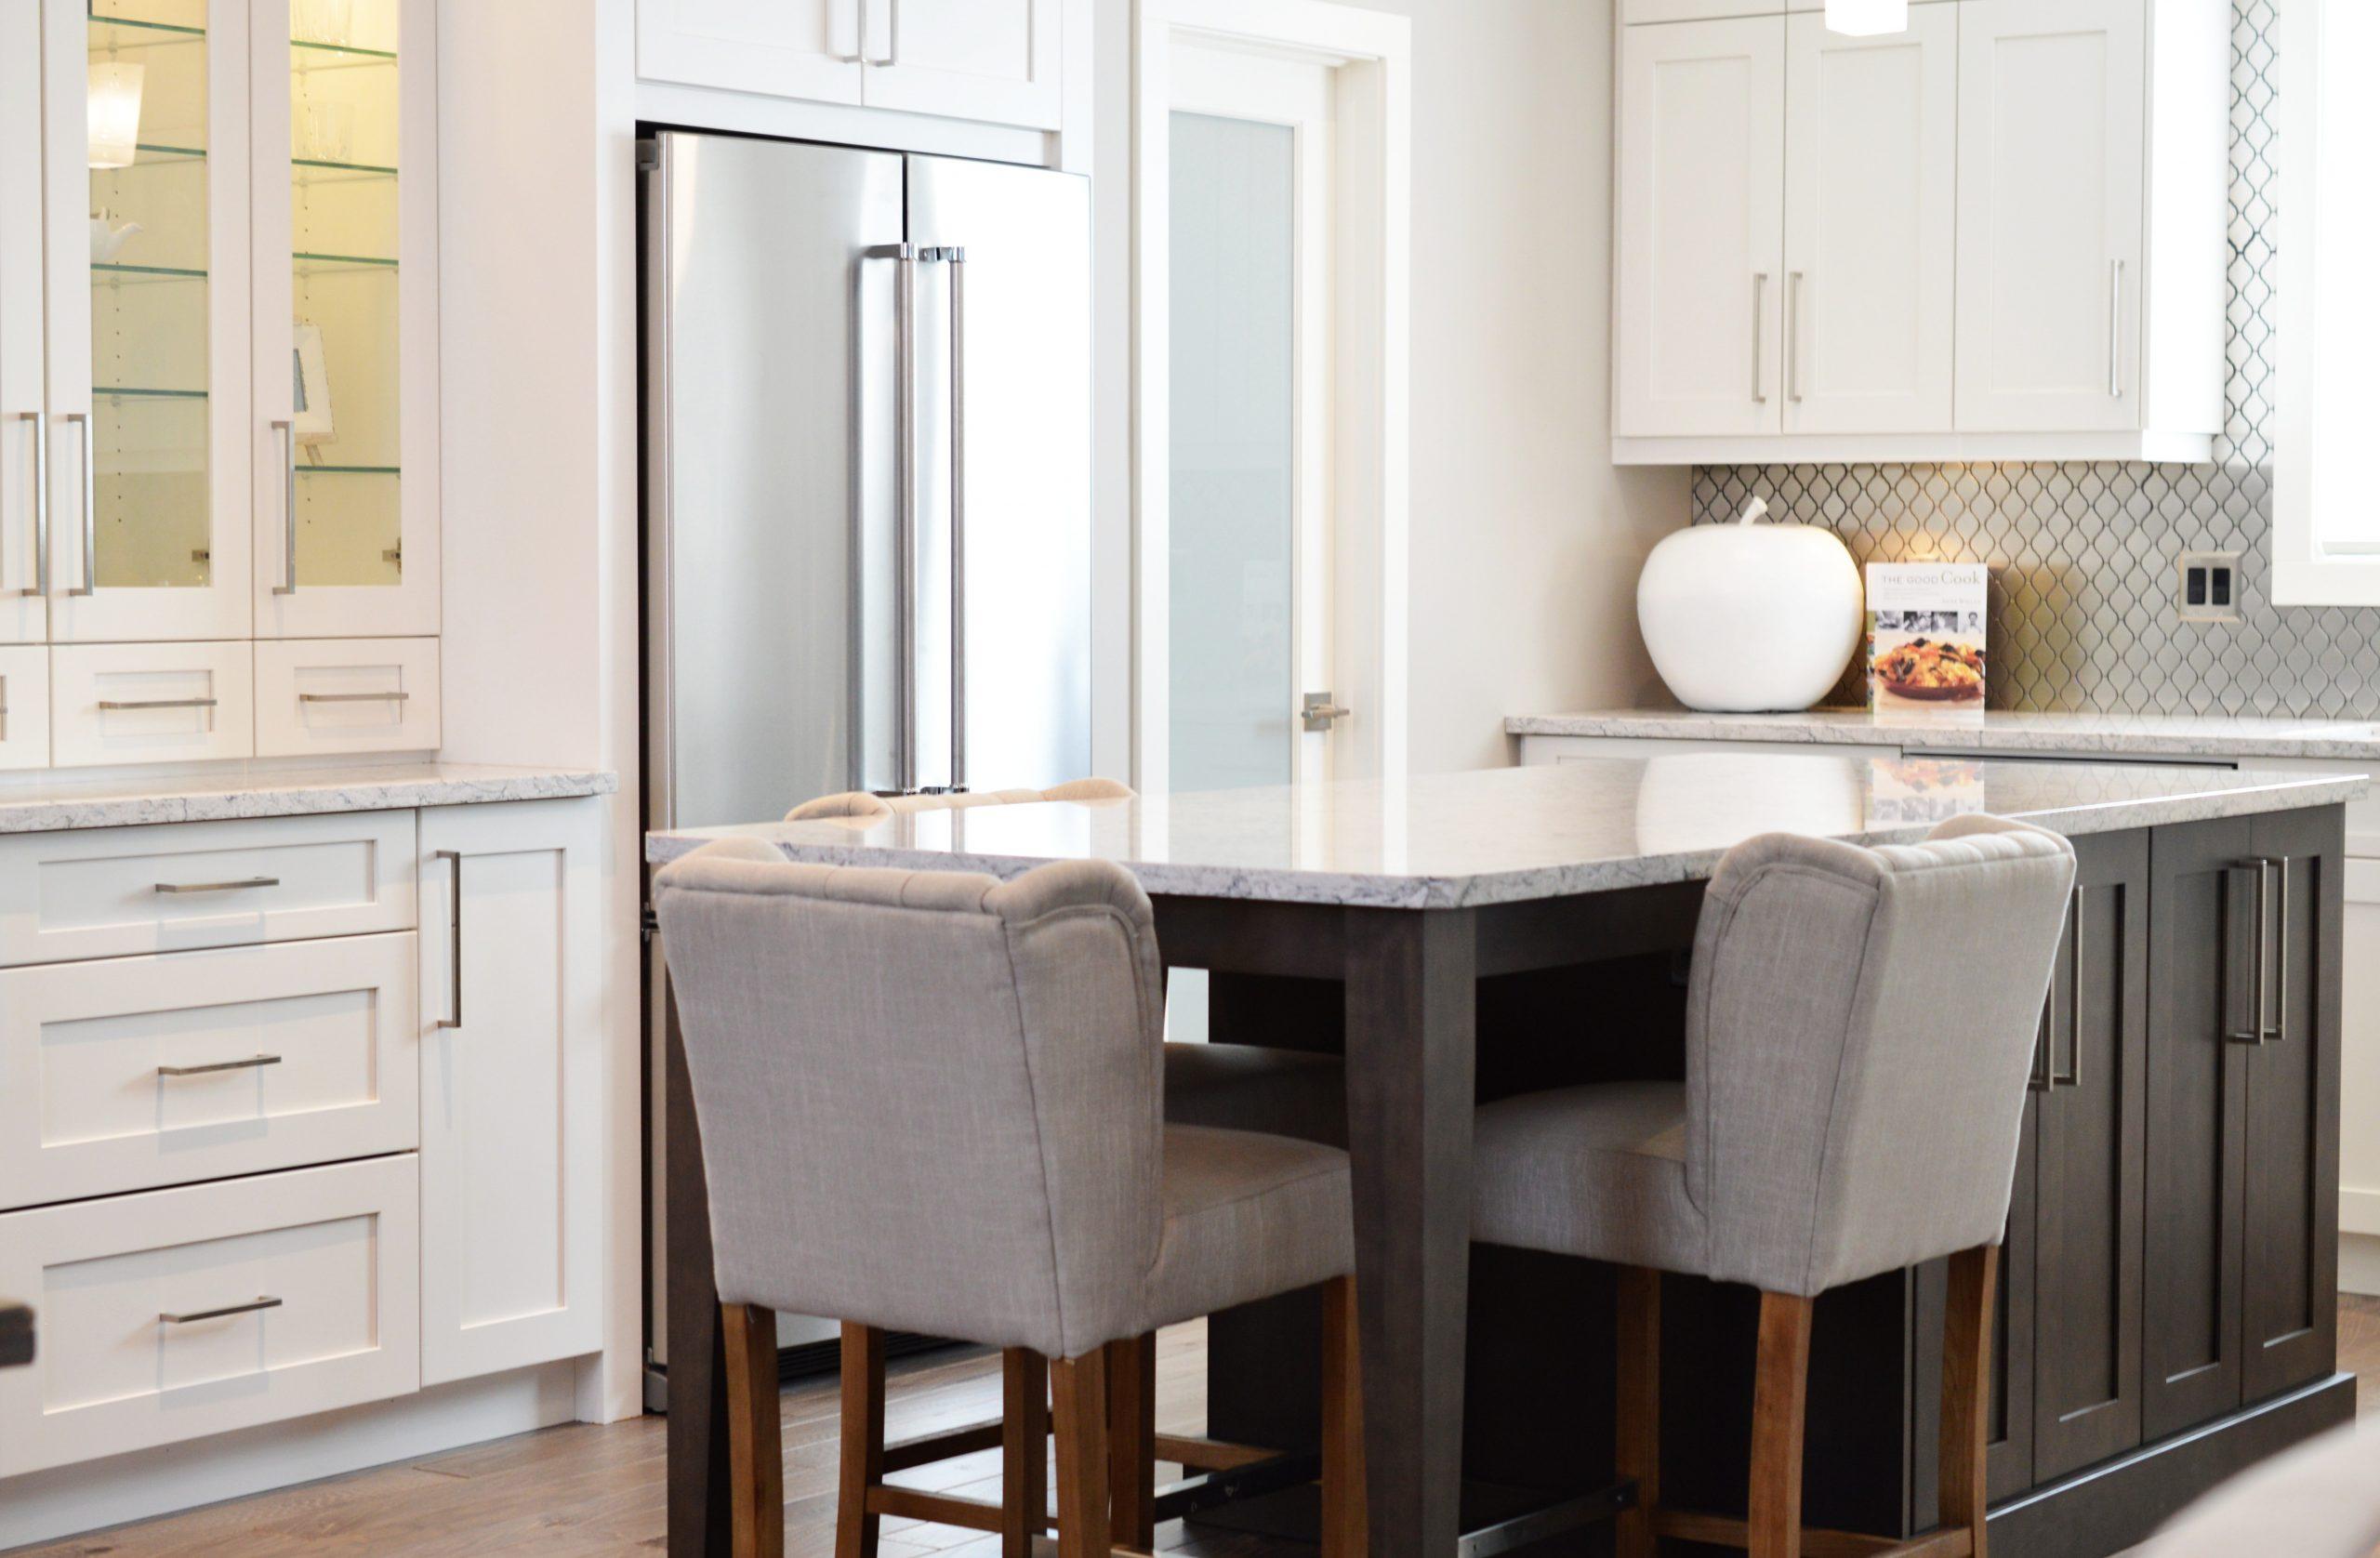 Imagem de cozinha moderna com geladeira duplex de inox